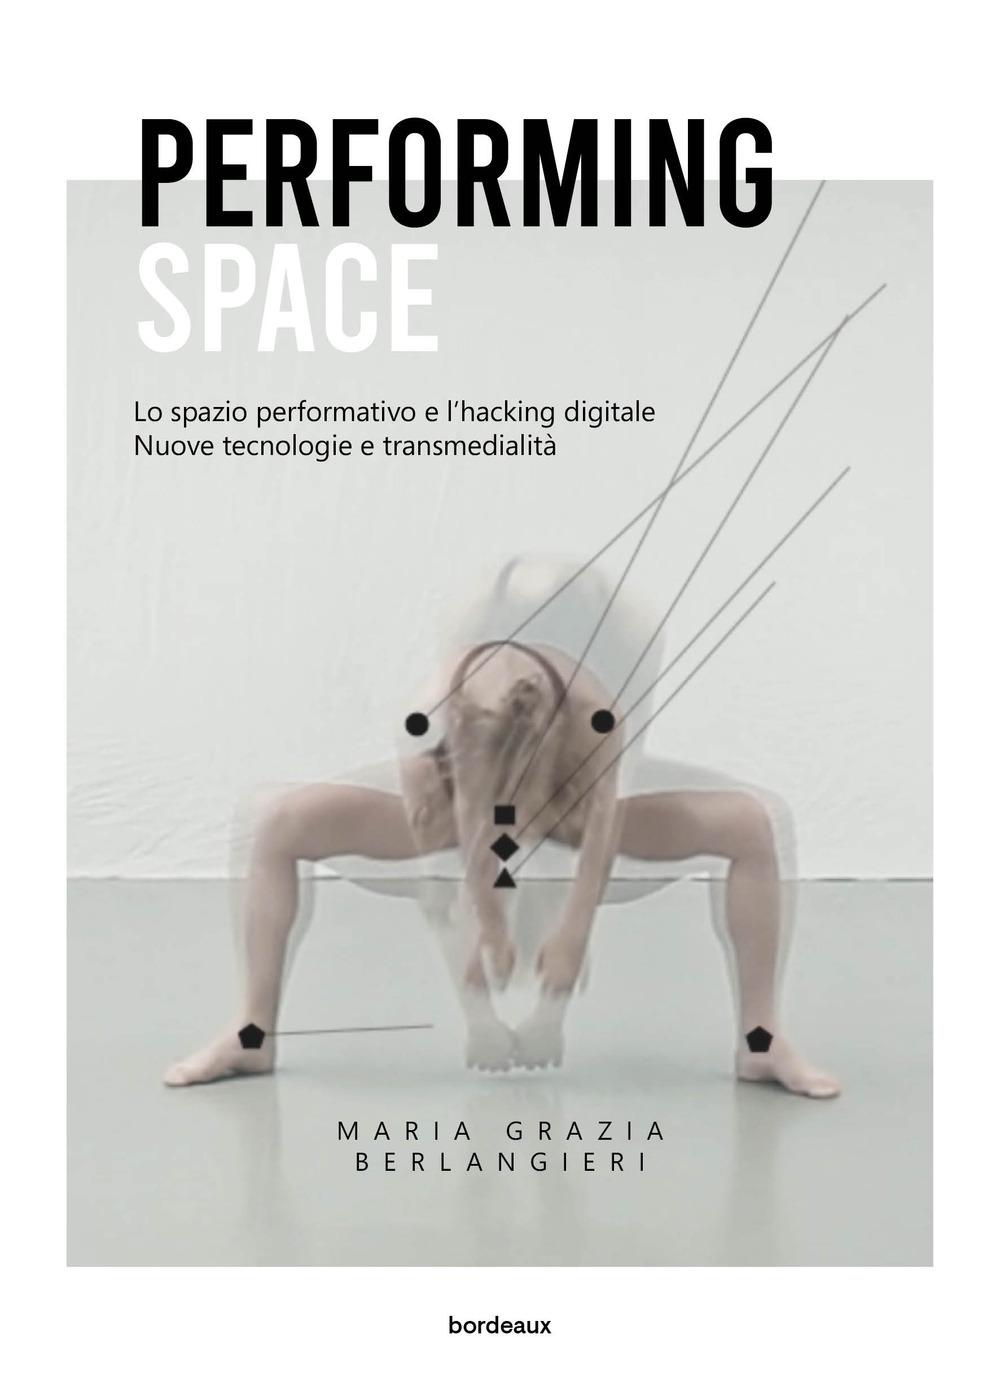 PERFORMING SPACE. EVOLUZIONI TECNOLOGICHE DELLO SPAZIO SCENICO - Berlangieri Maria Grazia; Ruzza Luca - 9791259630889